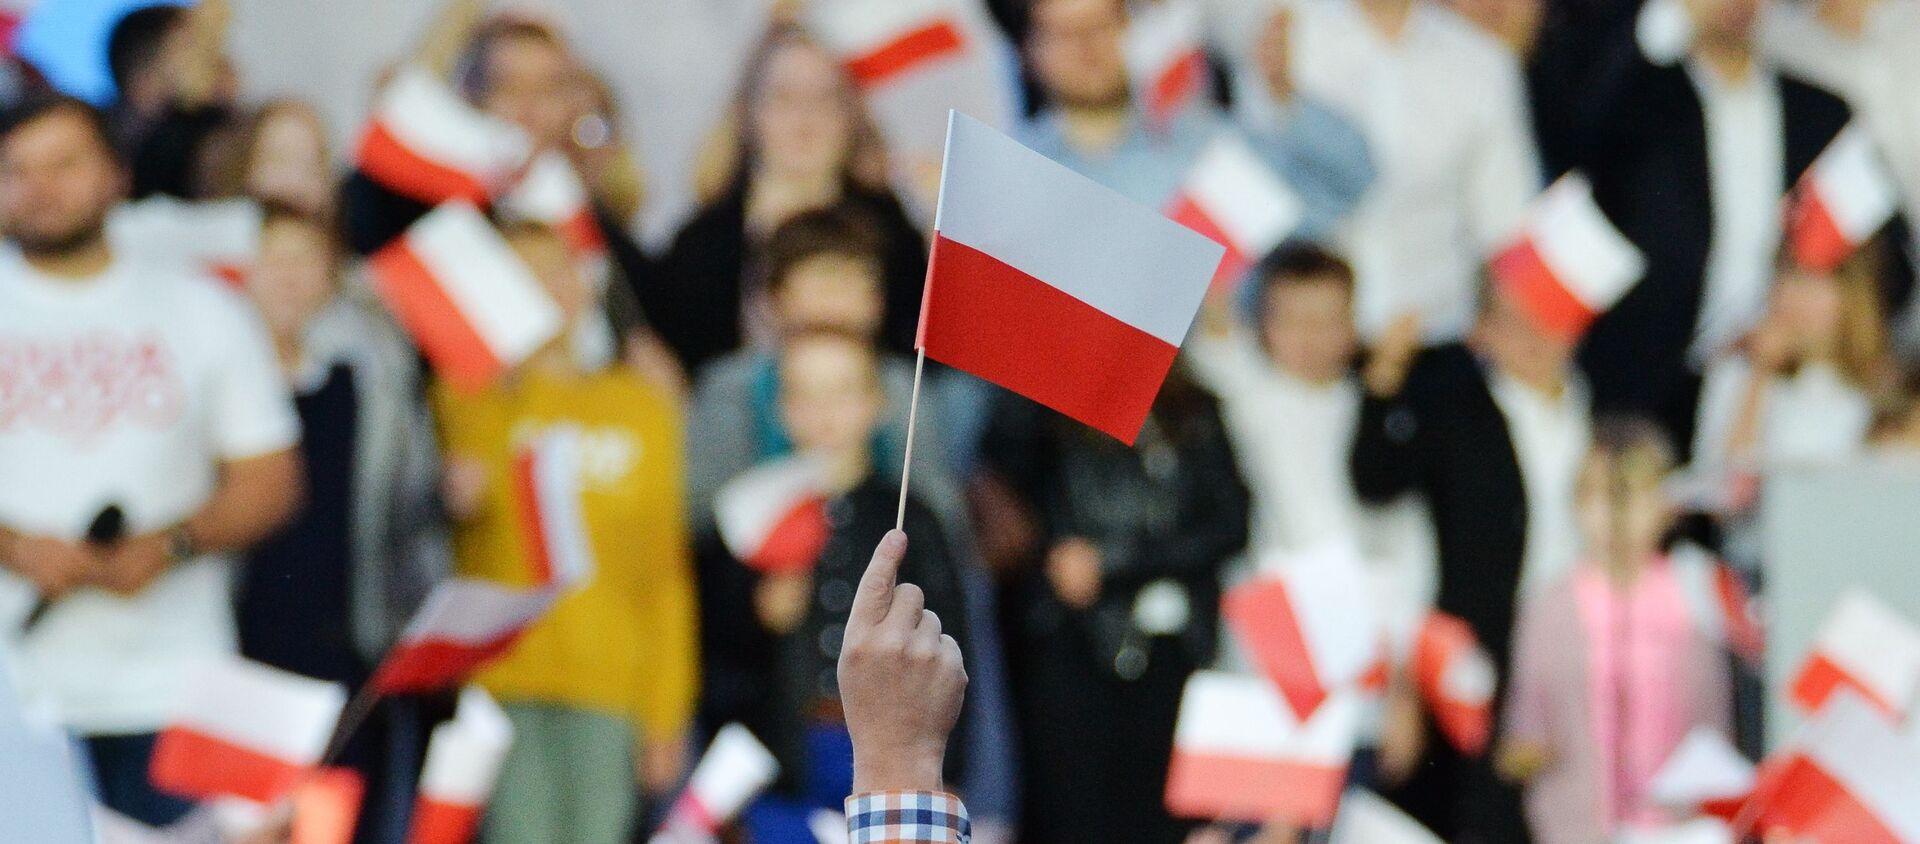 Президентские выборы в Польше - Sputnik Абхазия, 1920, 20.10.2020